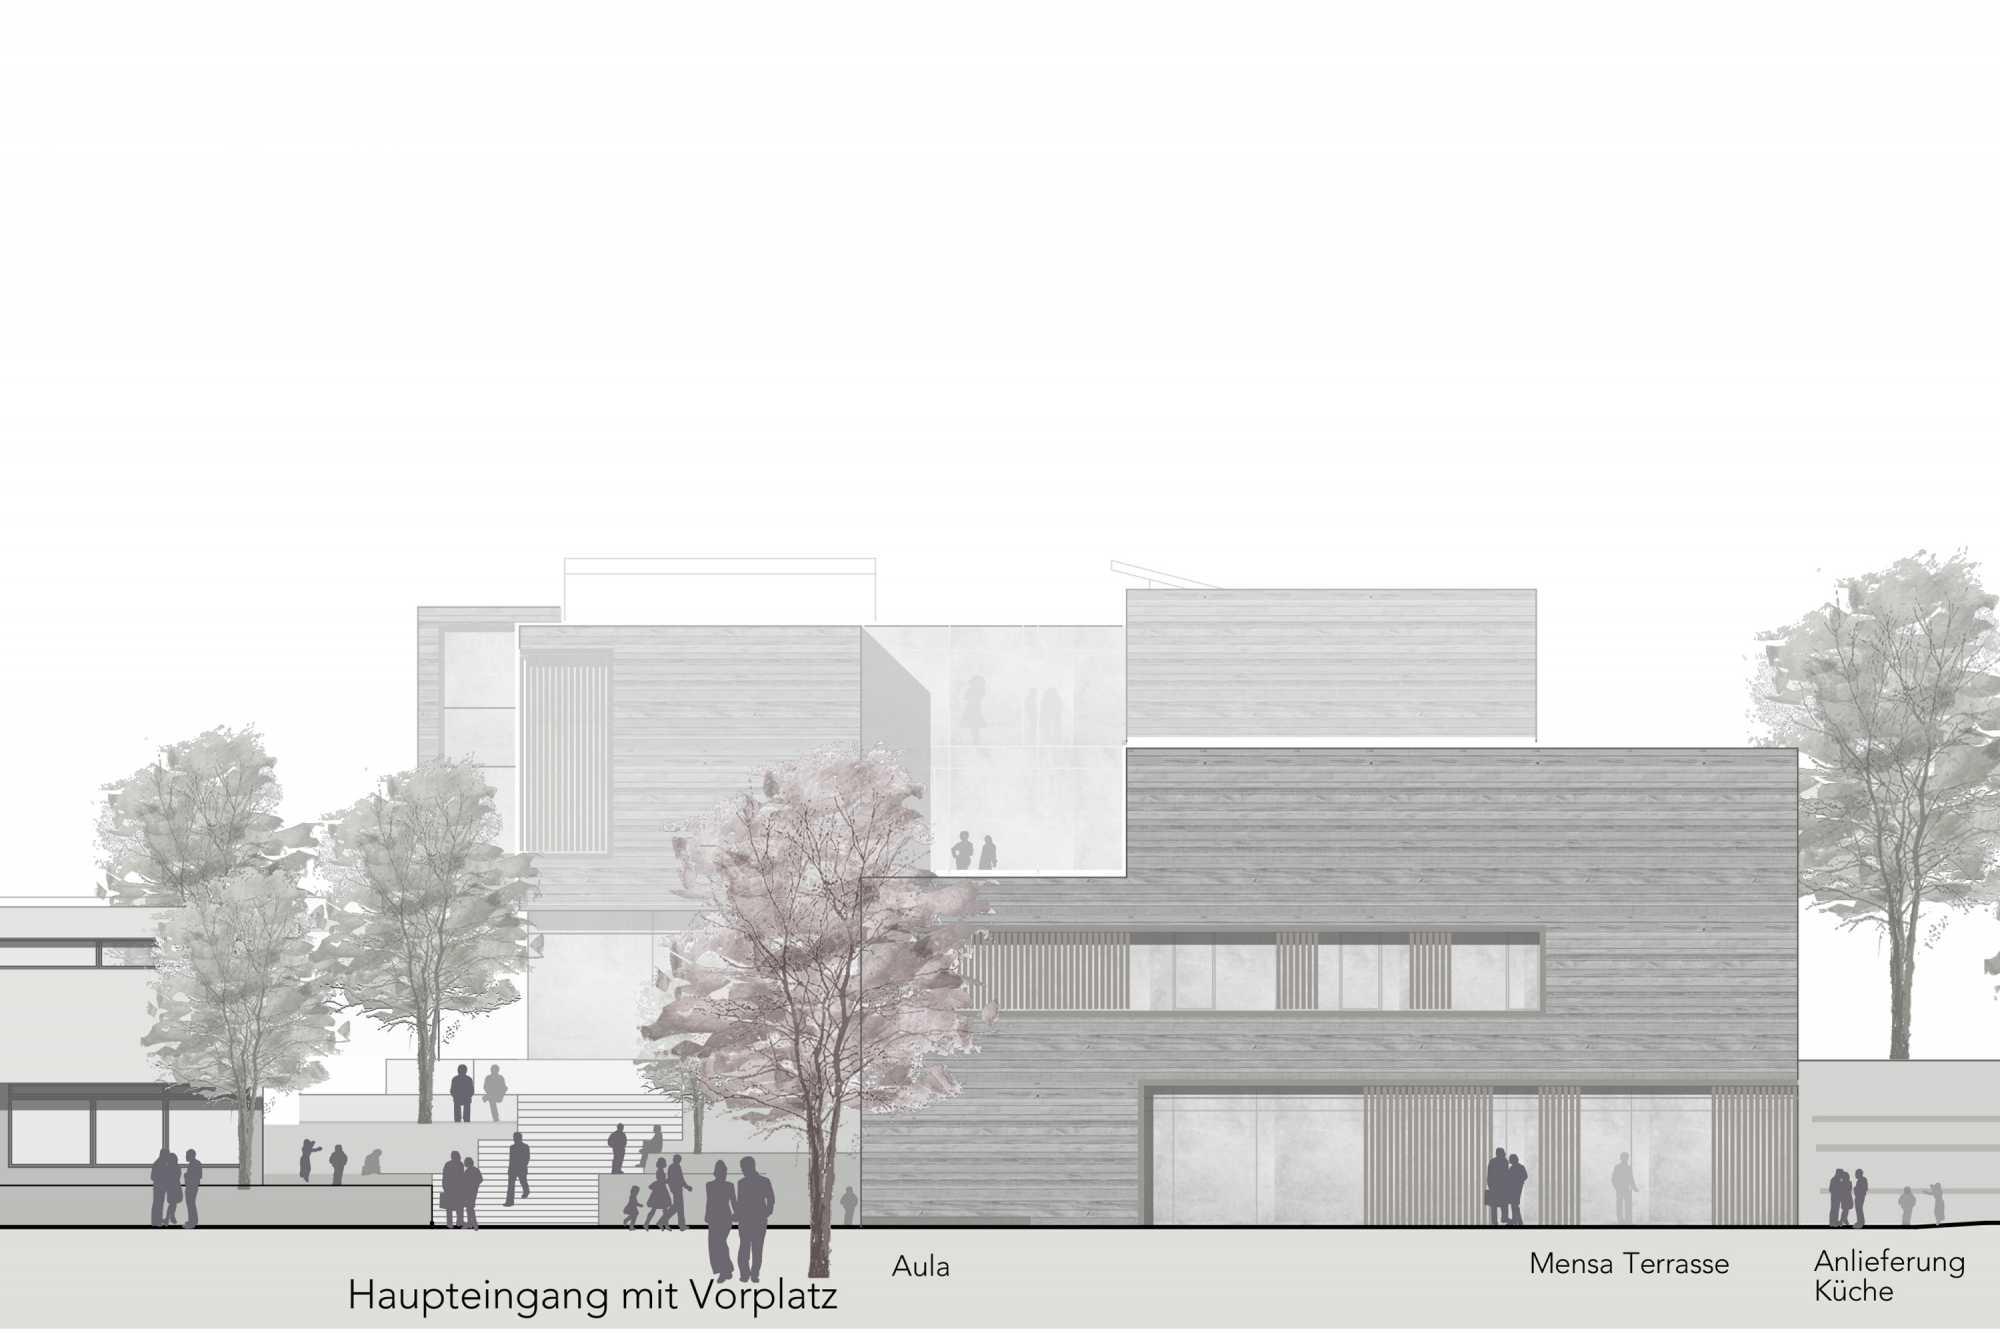 VgV-Verfahren 1. Preis Sanierung Uhlandschule Lichtenstein  ({project_images:field_row_count})